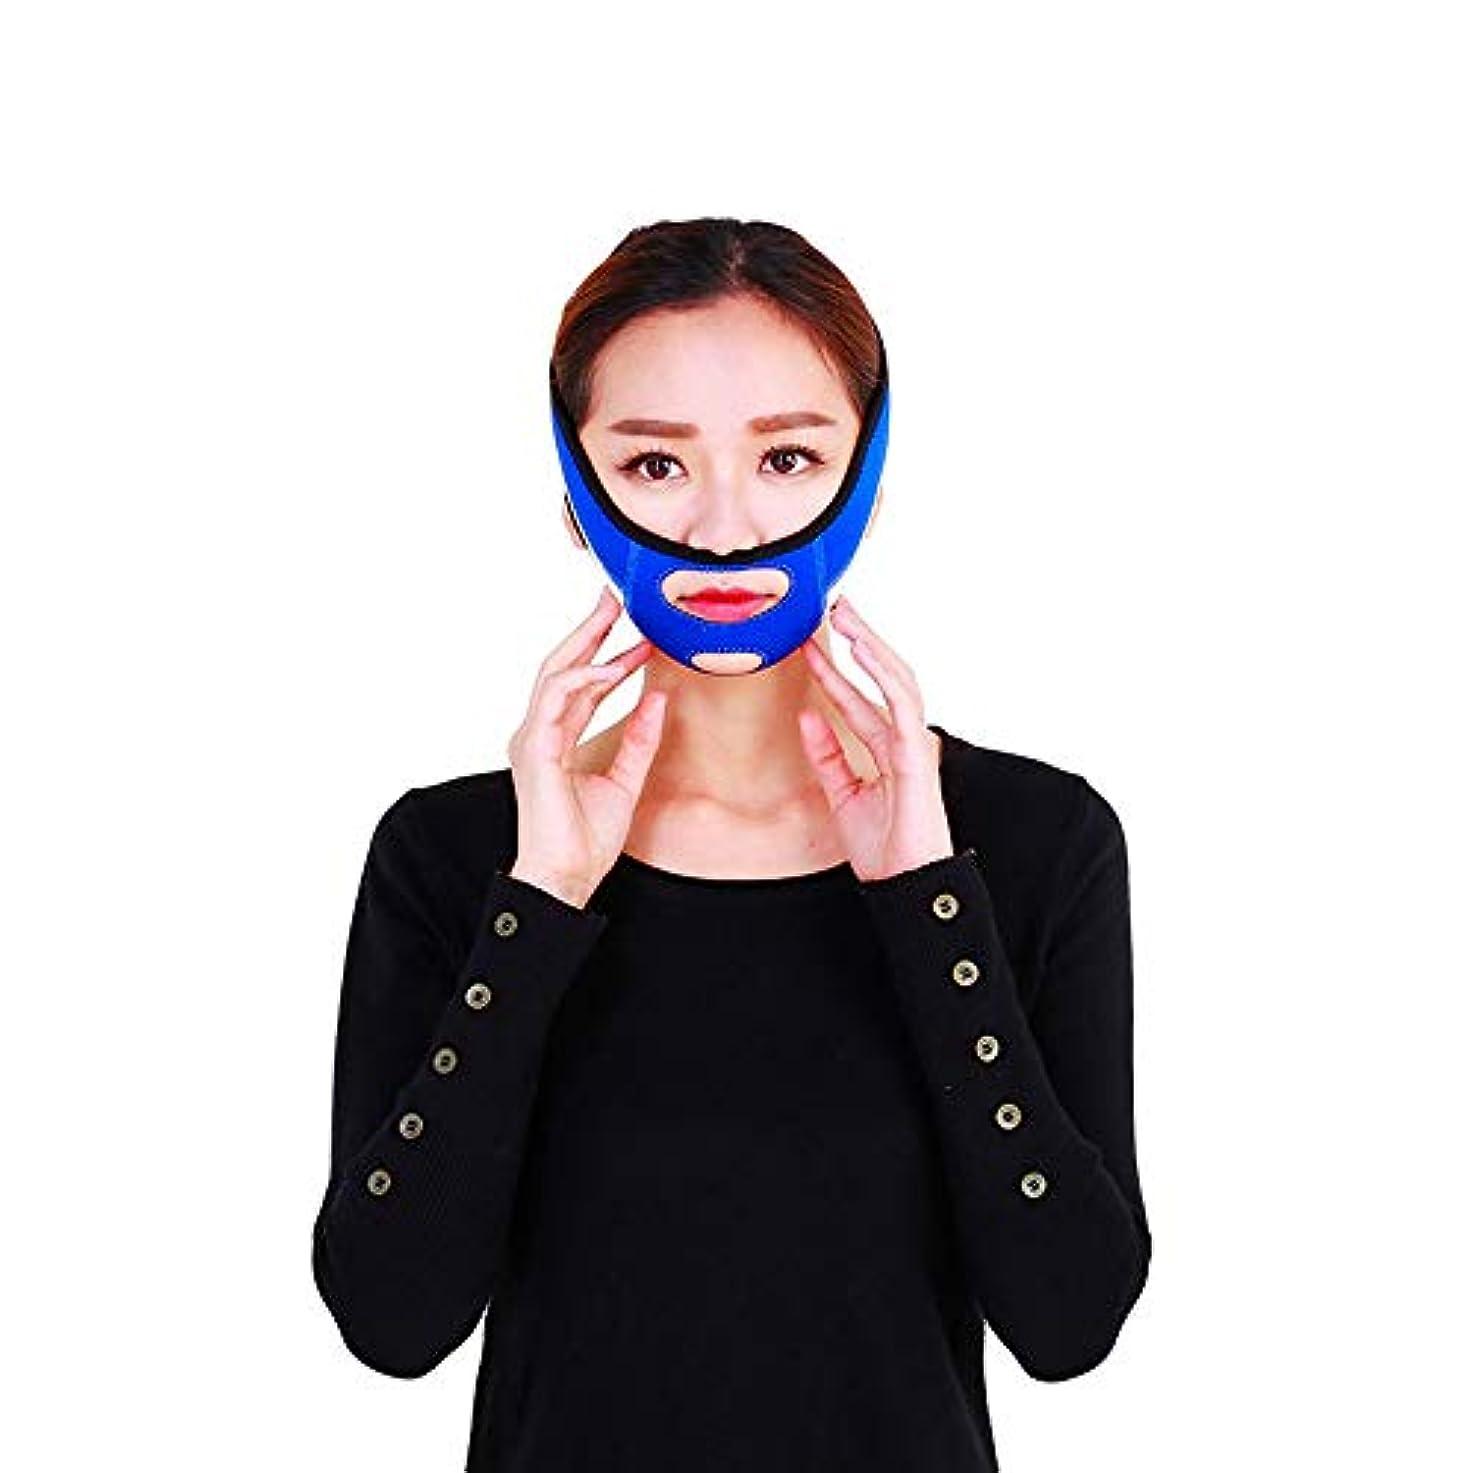 嫌いアラブサラボ弱いフェイシャルリフティング痩身ベルトフェーススリム二重あごを取り除くアンチエイジングリンクルフェイス包帯マスク整形マスクが顔を引き締める